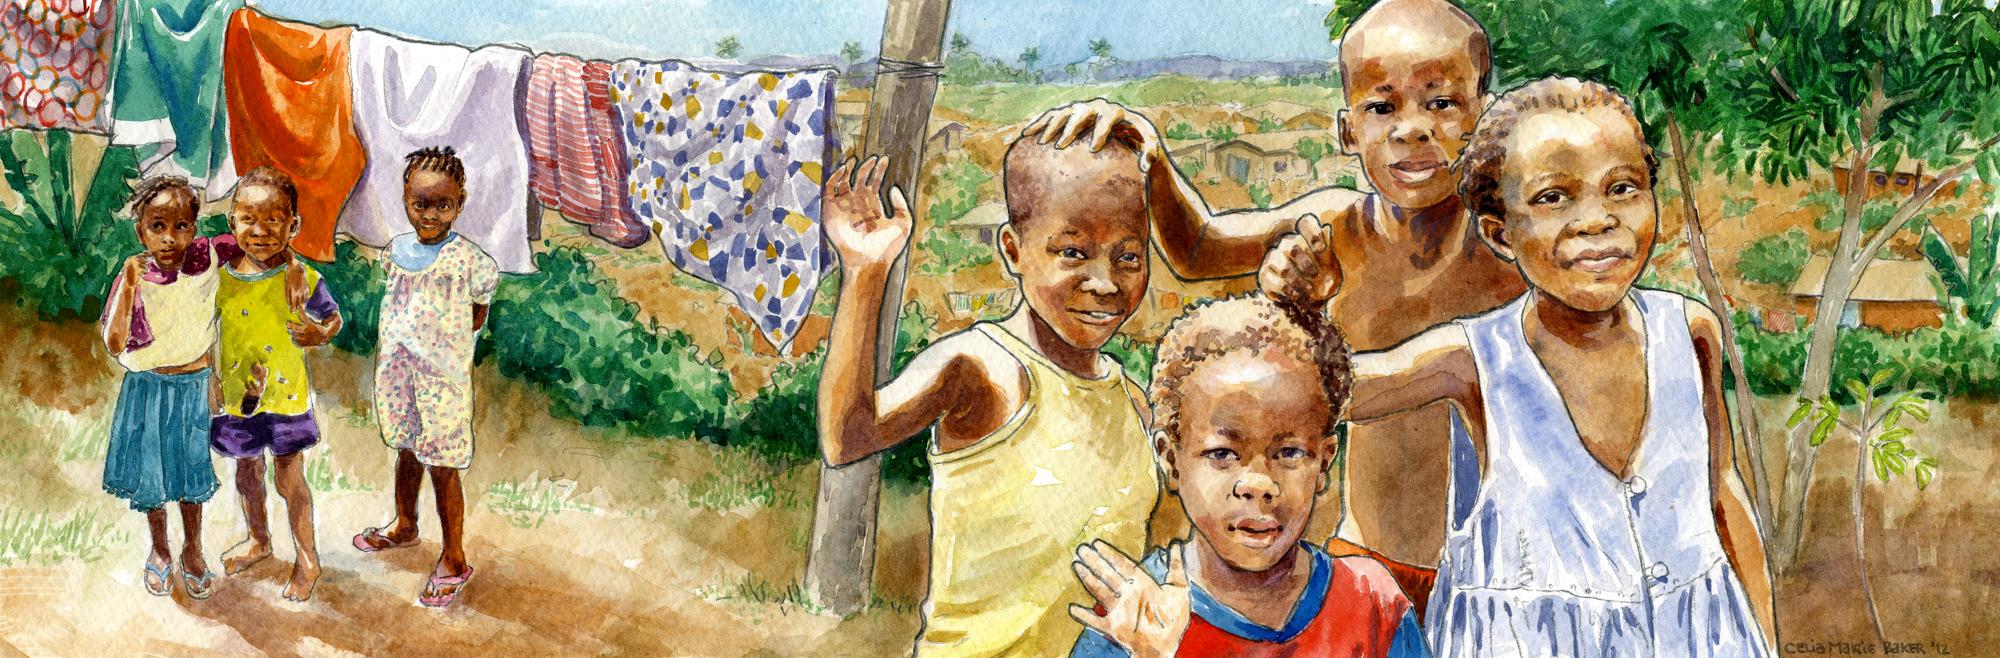 Children's Rescue Home & Haven Of Rescue   Liberia    Learn More